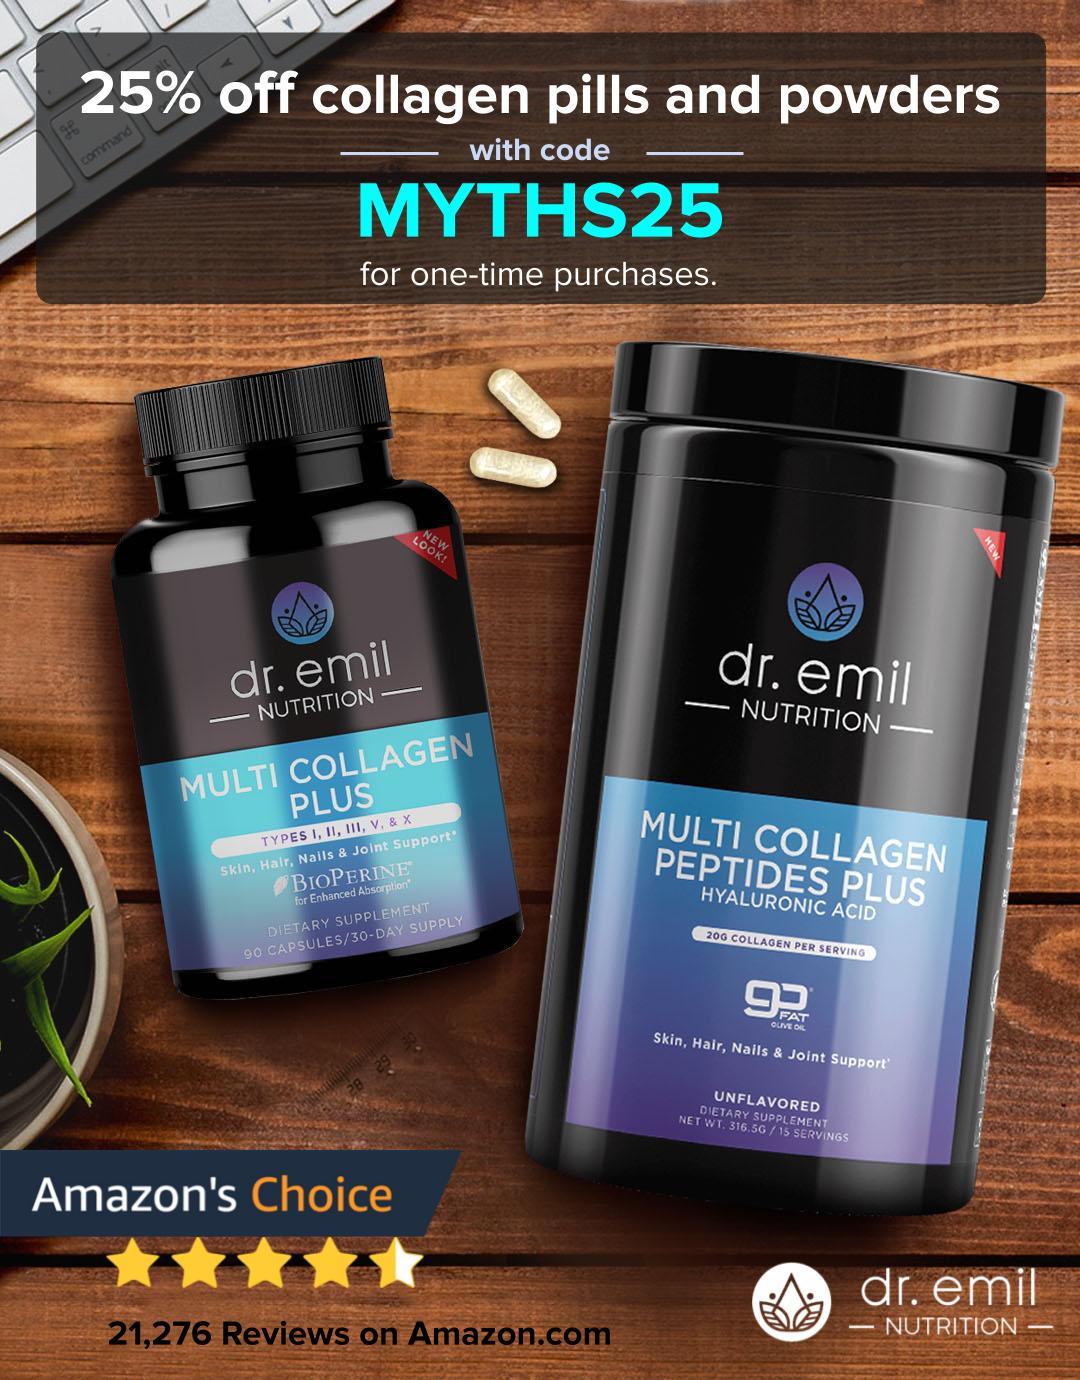 https://www.dremilnutrition.com/product/multi-collagen-plus-value-pack